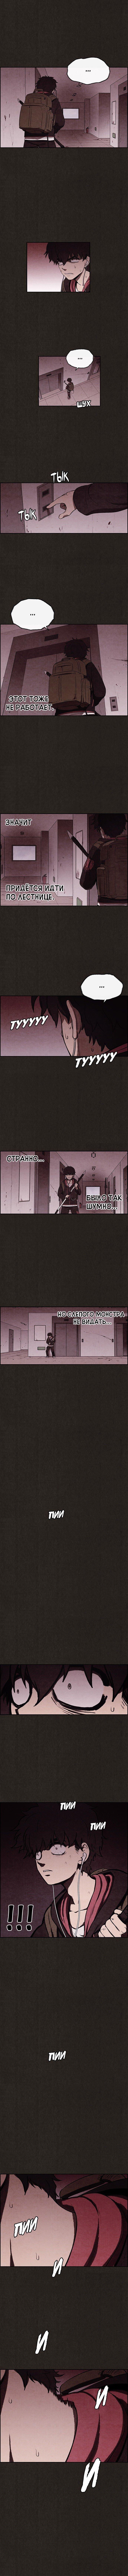 Манга Милый дом / Sweet Home (HWANG Youngchan) - Том 1 Глава 17 Страница 4